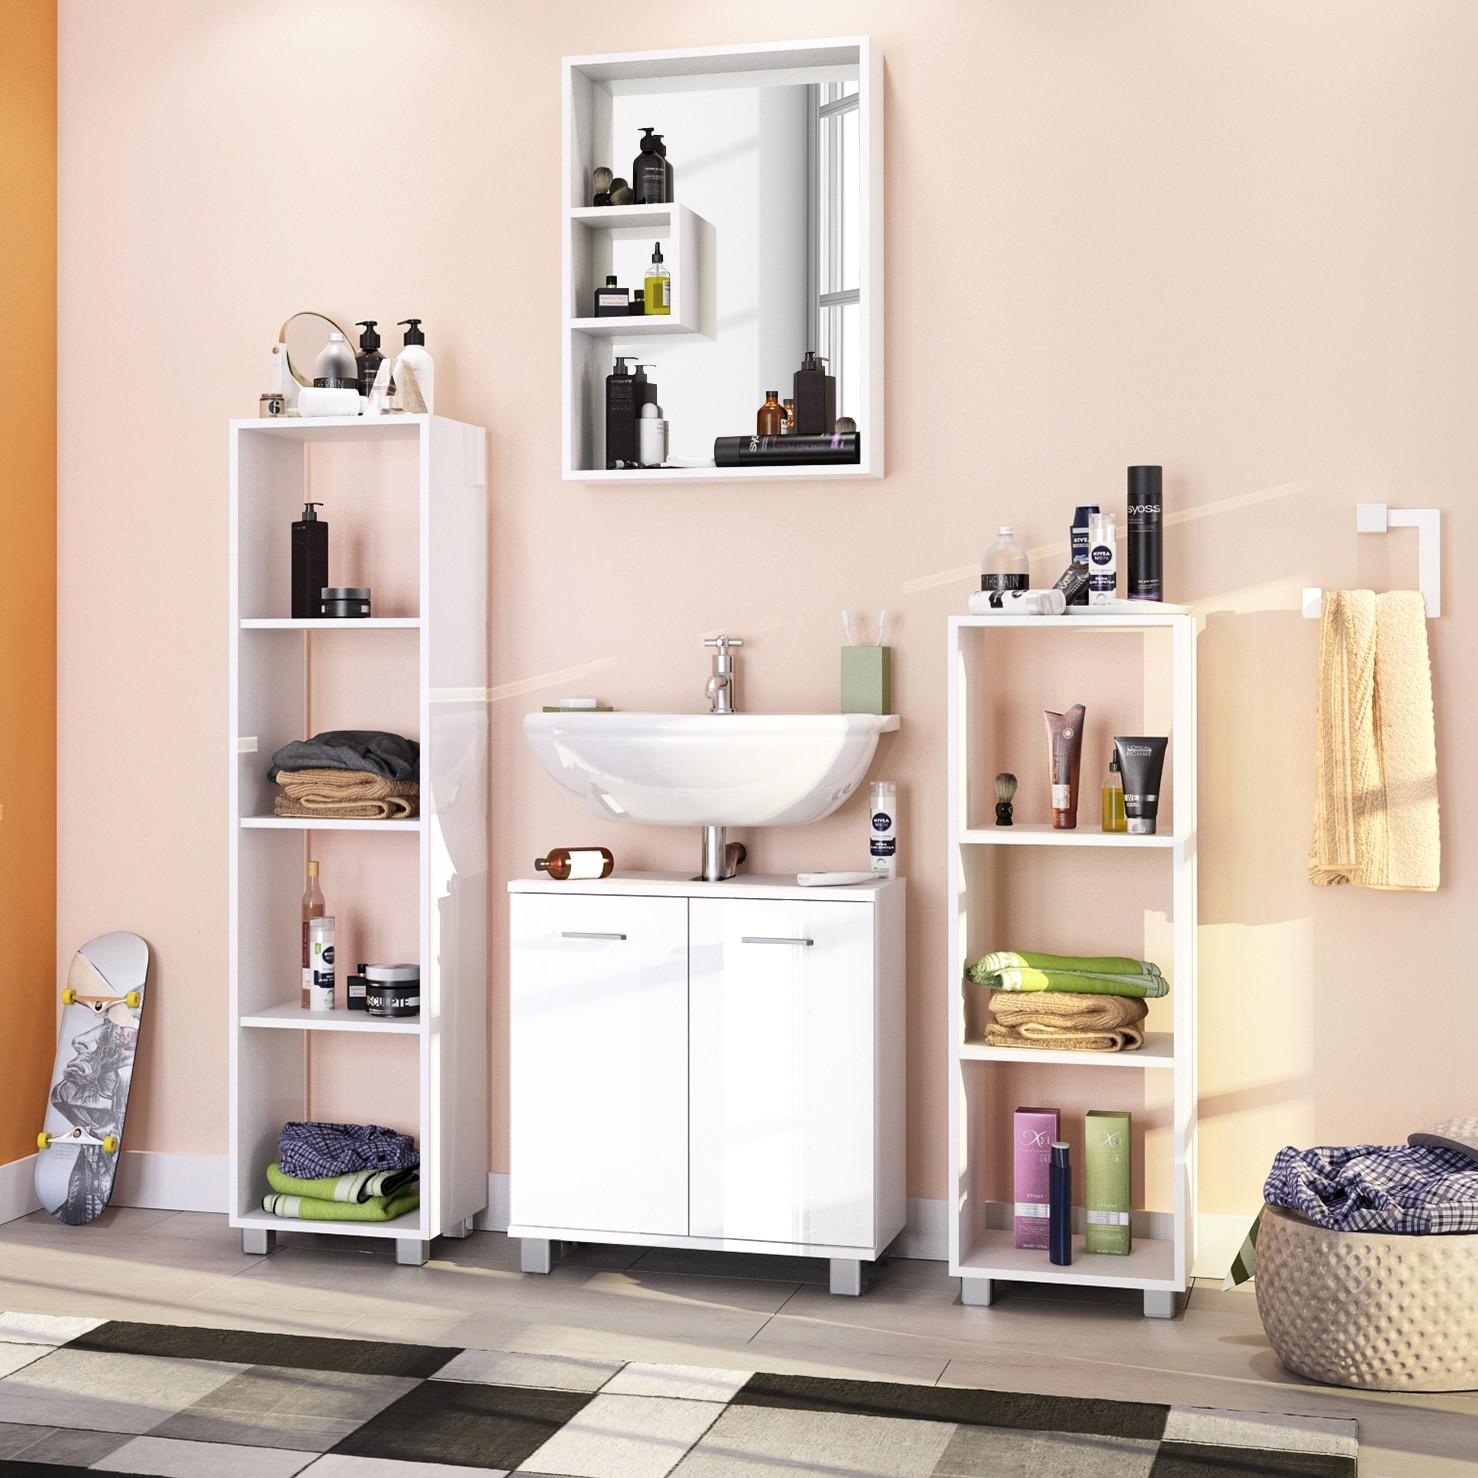 badezimmerset box 4 teilig hochglanz wei wei schildmeyer g nstig schnell einkaufen. Black Bedroom Furniture Sets. Home Design Ideas